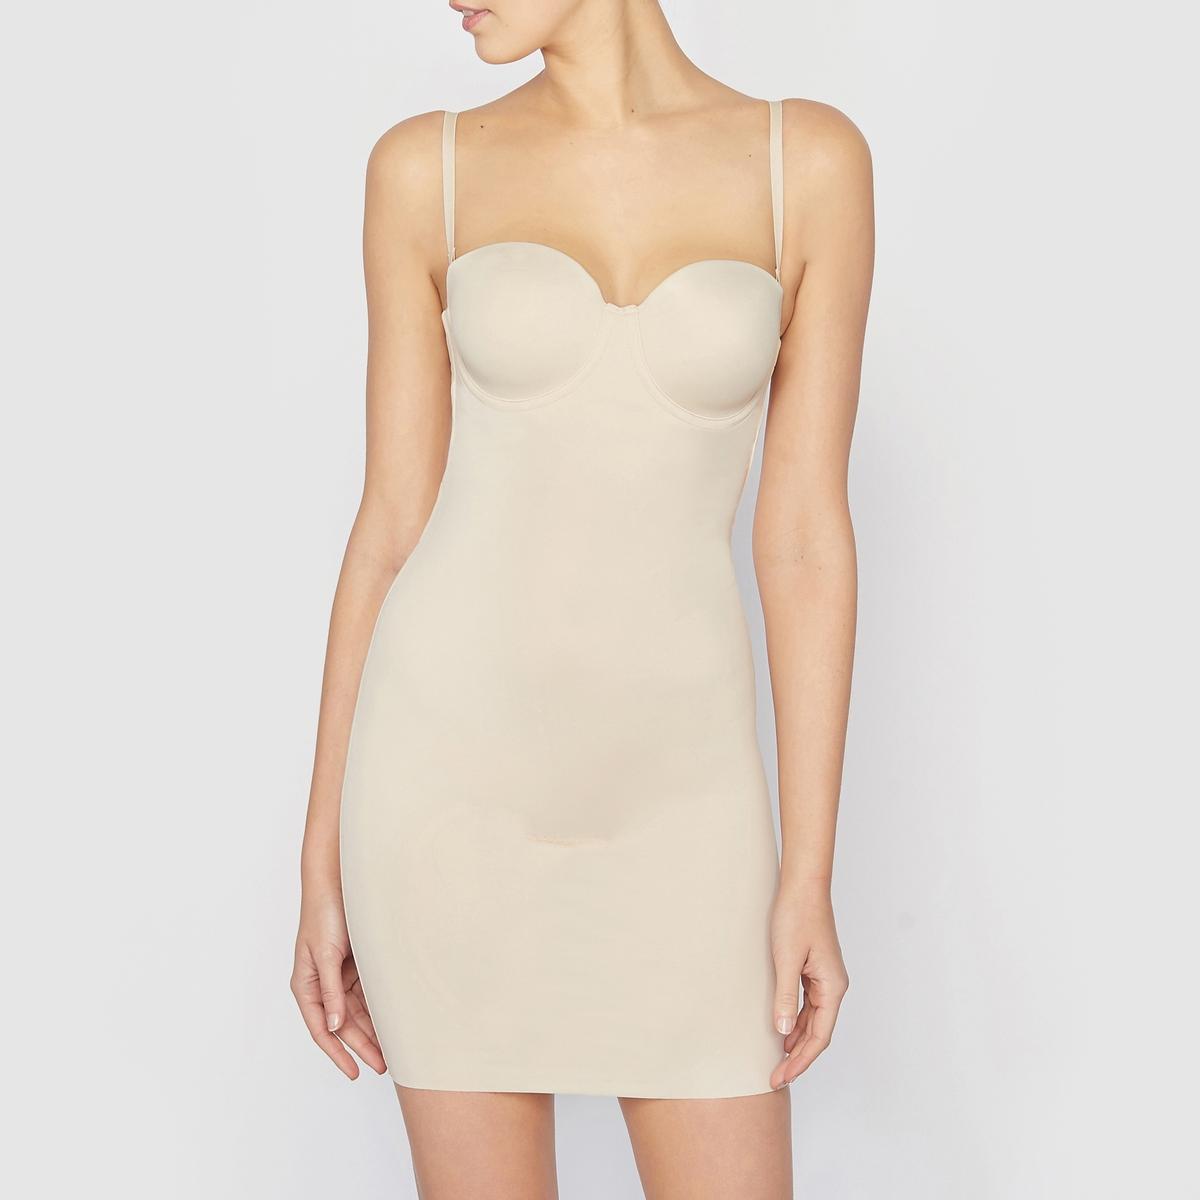 Платье утягивающее Endlessly SmoothУтягивающее платье на косточках Endlessly Smooth от MAINDERFORM. Усиленная поддержка. Утончённое и чувственное, с широким закруглённым декольте, чтобы подчеркнуть силуэт от бюста, это платье совершенно незаметно под одеждой. Состав и описание : Материал:  64% полиамида, 36% эластанаМарка: MAIDENFORM Уход :Ручная или машинная стирка при 30°C на умеренном режиме, предпочтительнее в мешке-сетке.Стирать, сушить и гладить с изнаночной стороны.Машинная сушка запрещена.Не гладить.<br><br>Цвет: бежевый,черный<br>Размер: 95 B (FR) - 80 B (RUS).100 D (FR) - 85 D (RUS)